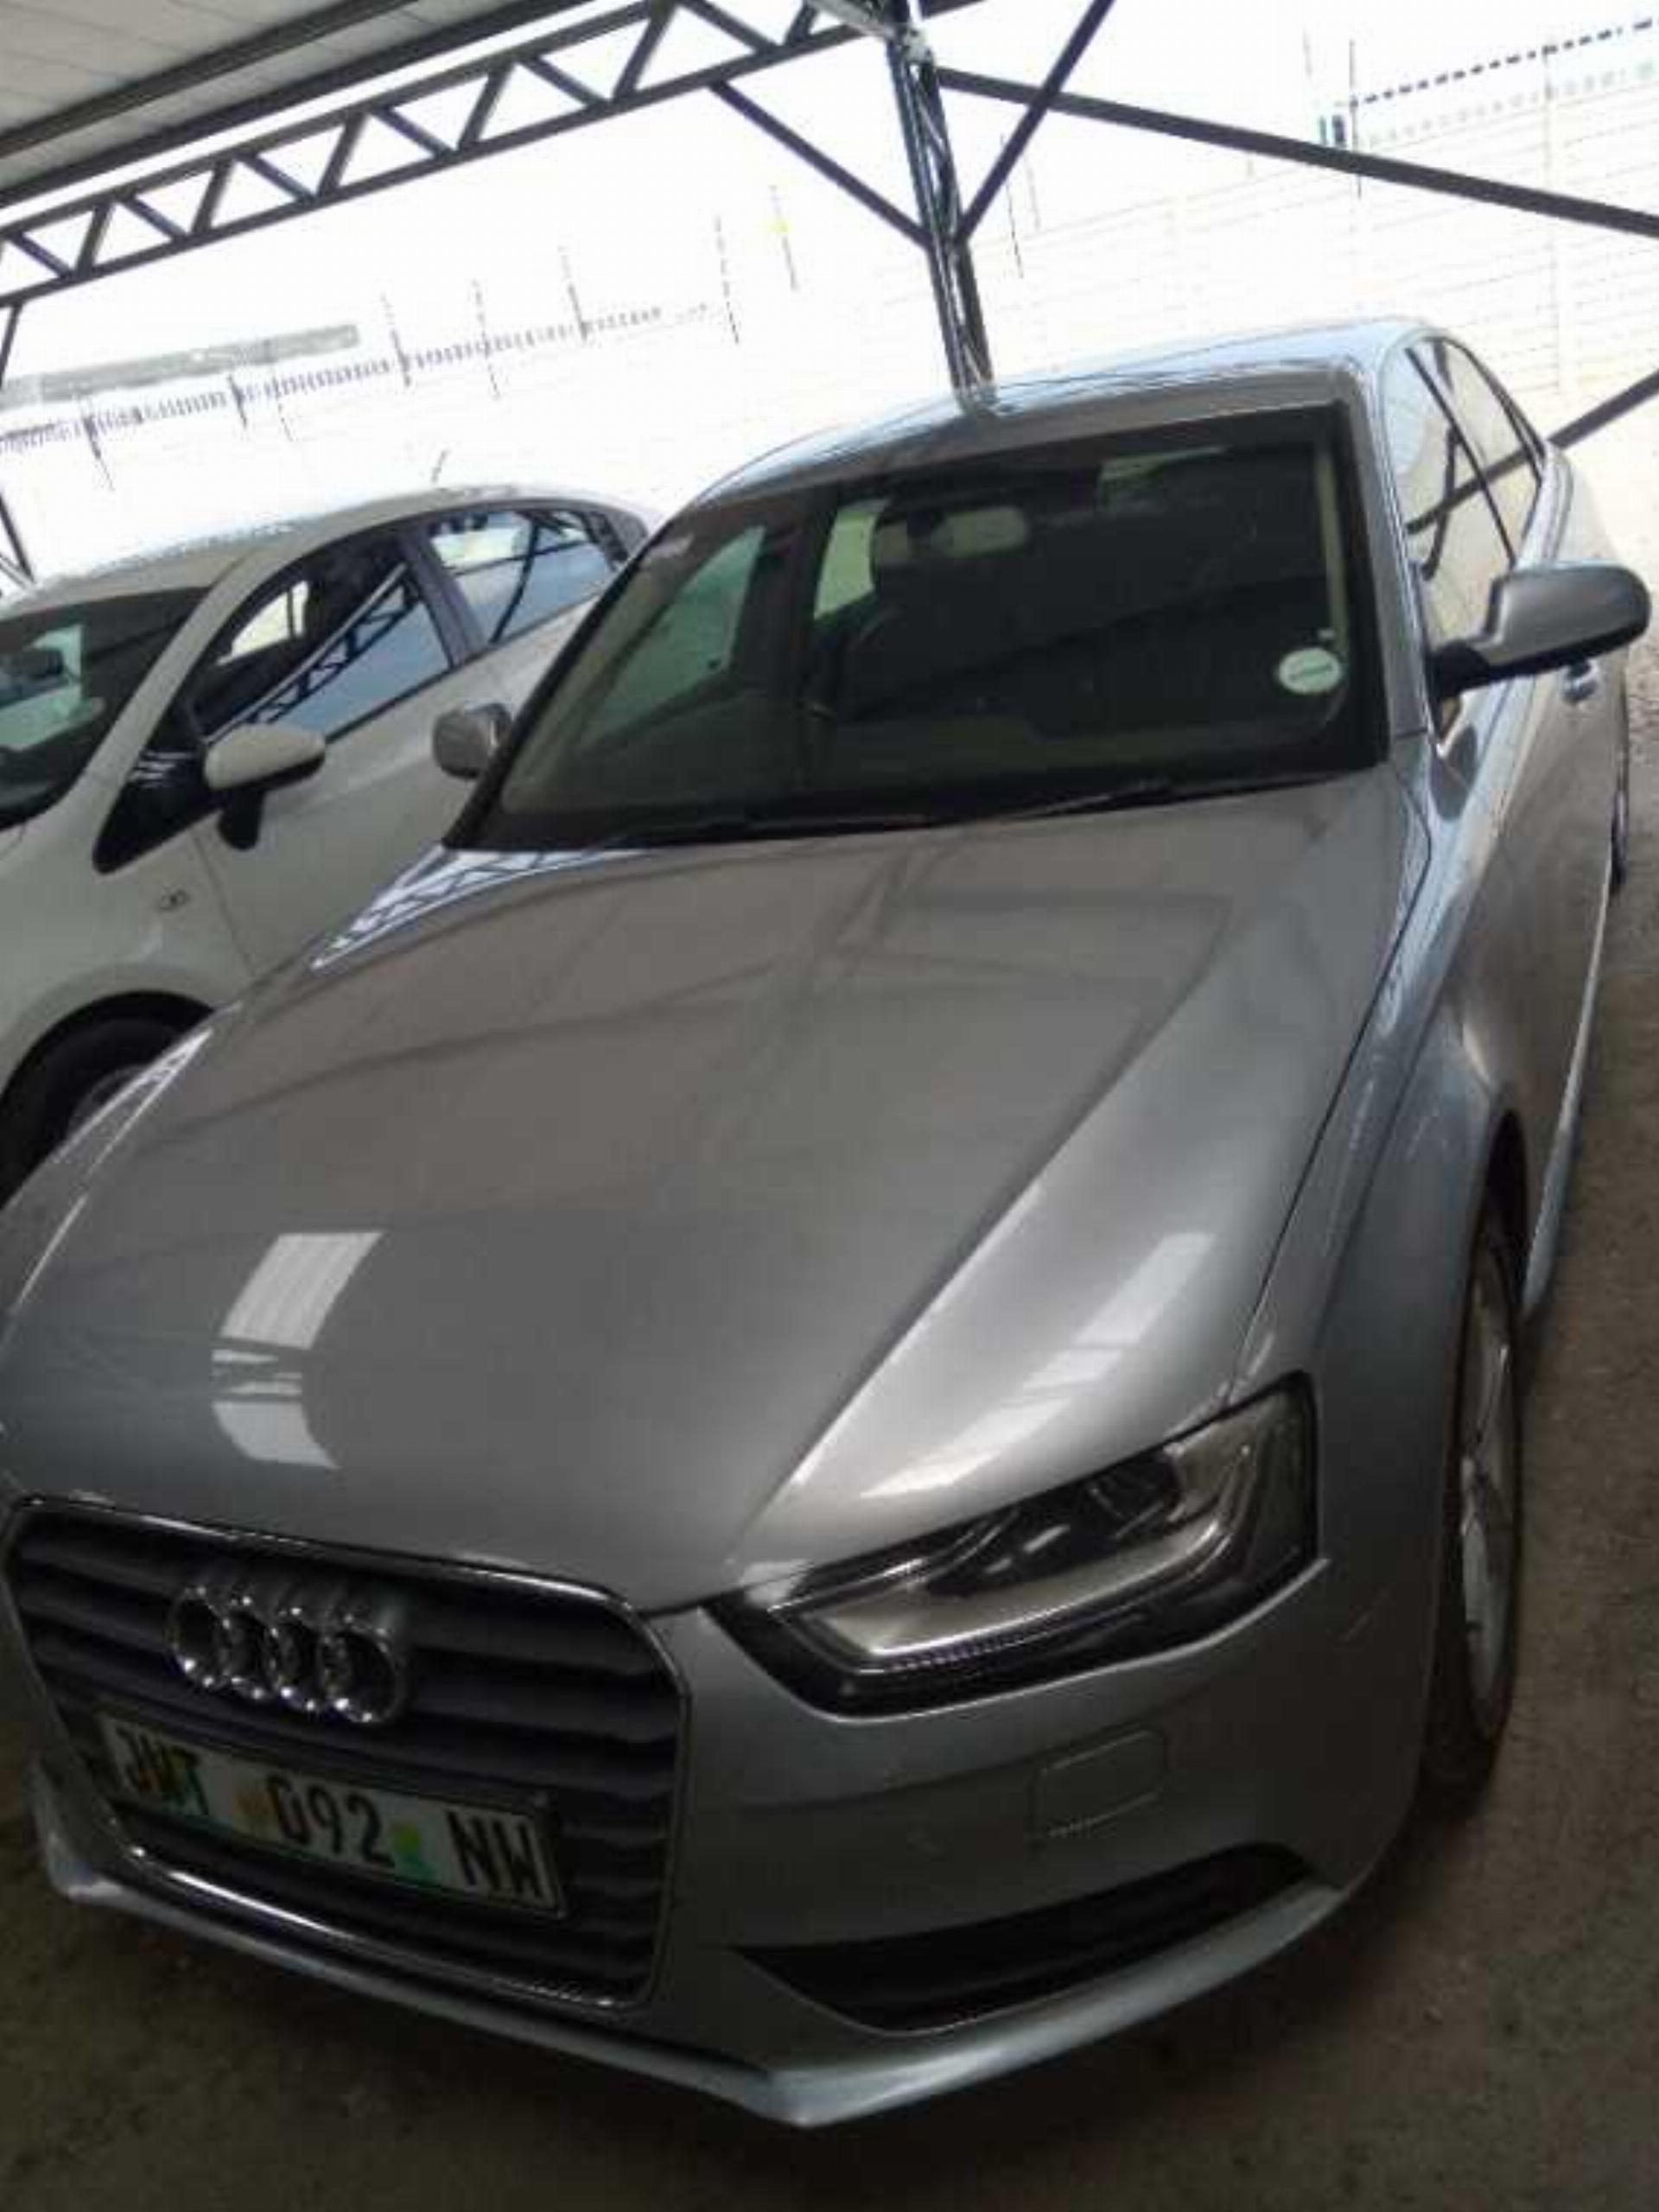 Audi A4 2.0 TDI SE Multitron